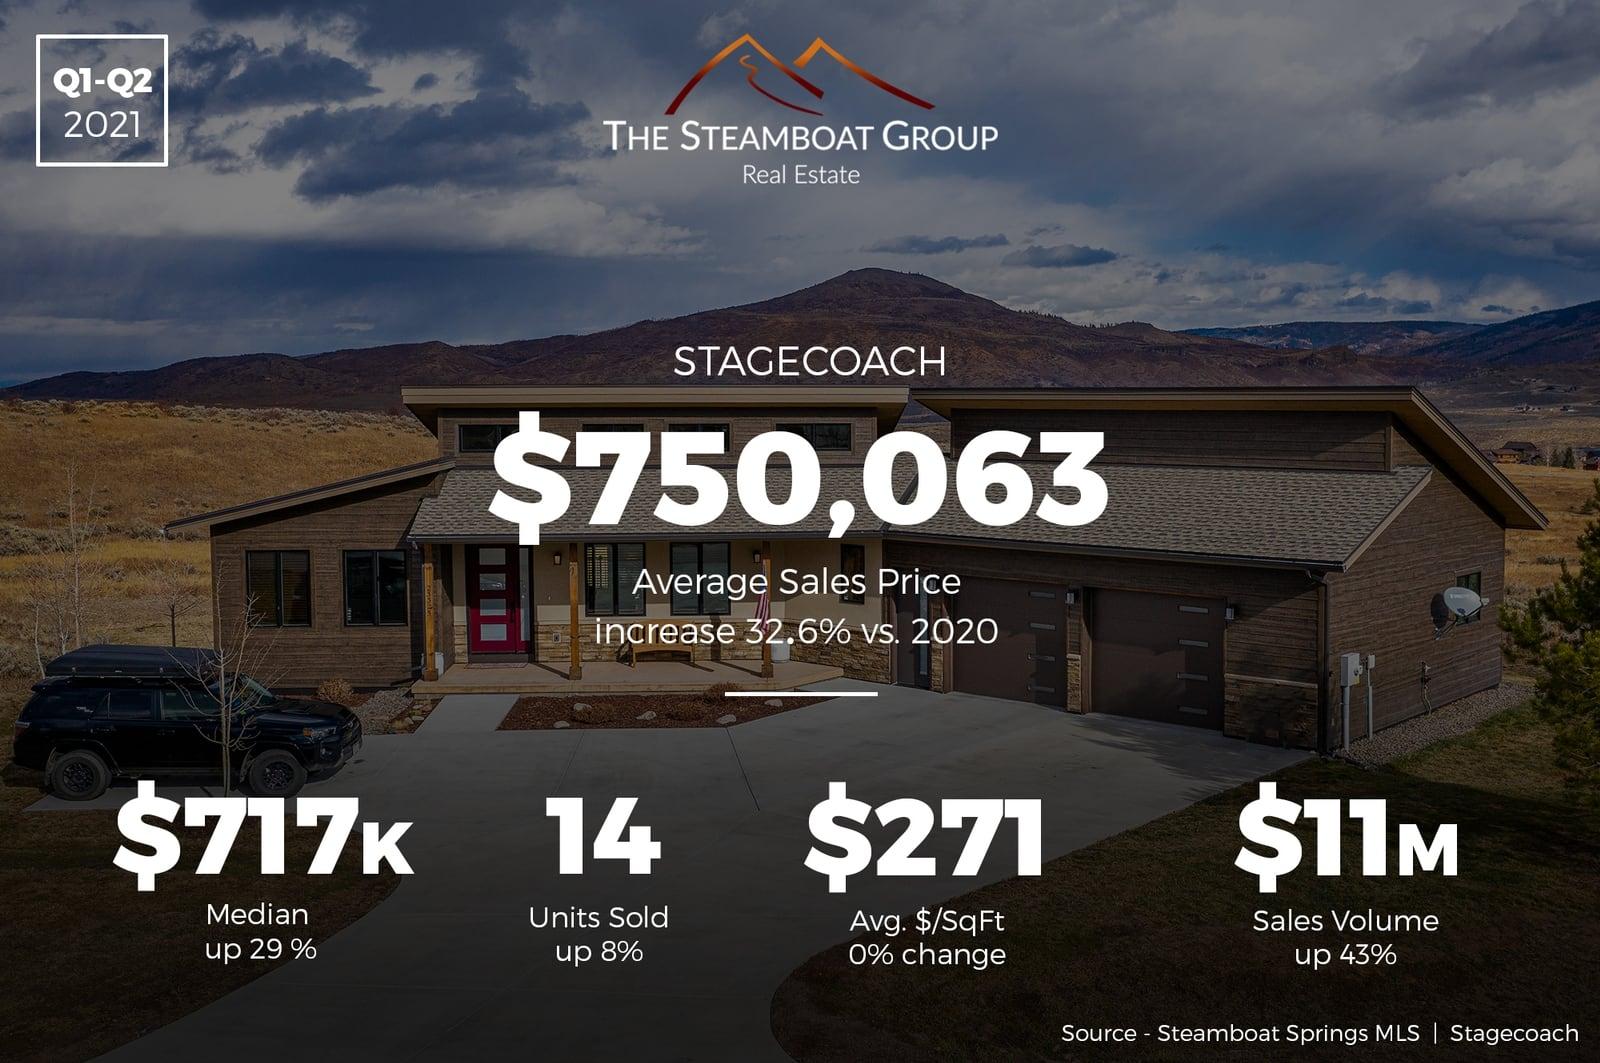 Market Update: 2021 Q2 Stagecoach